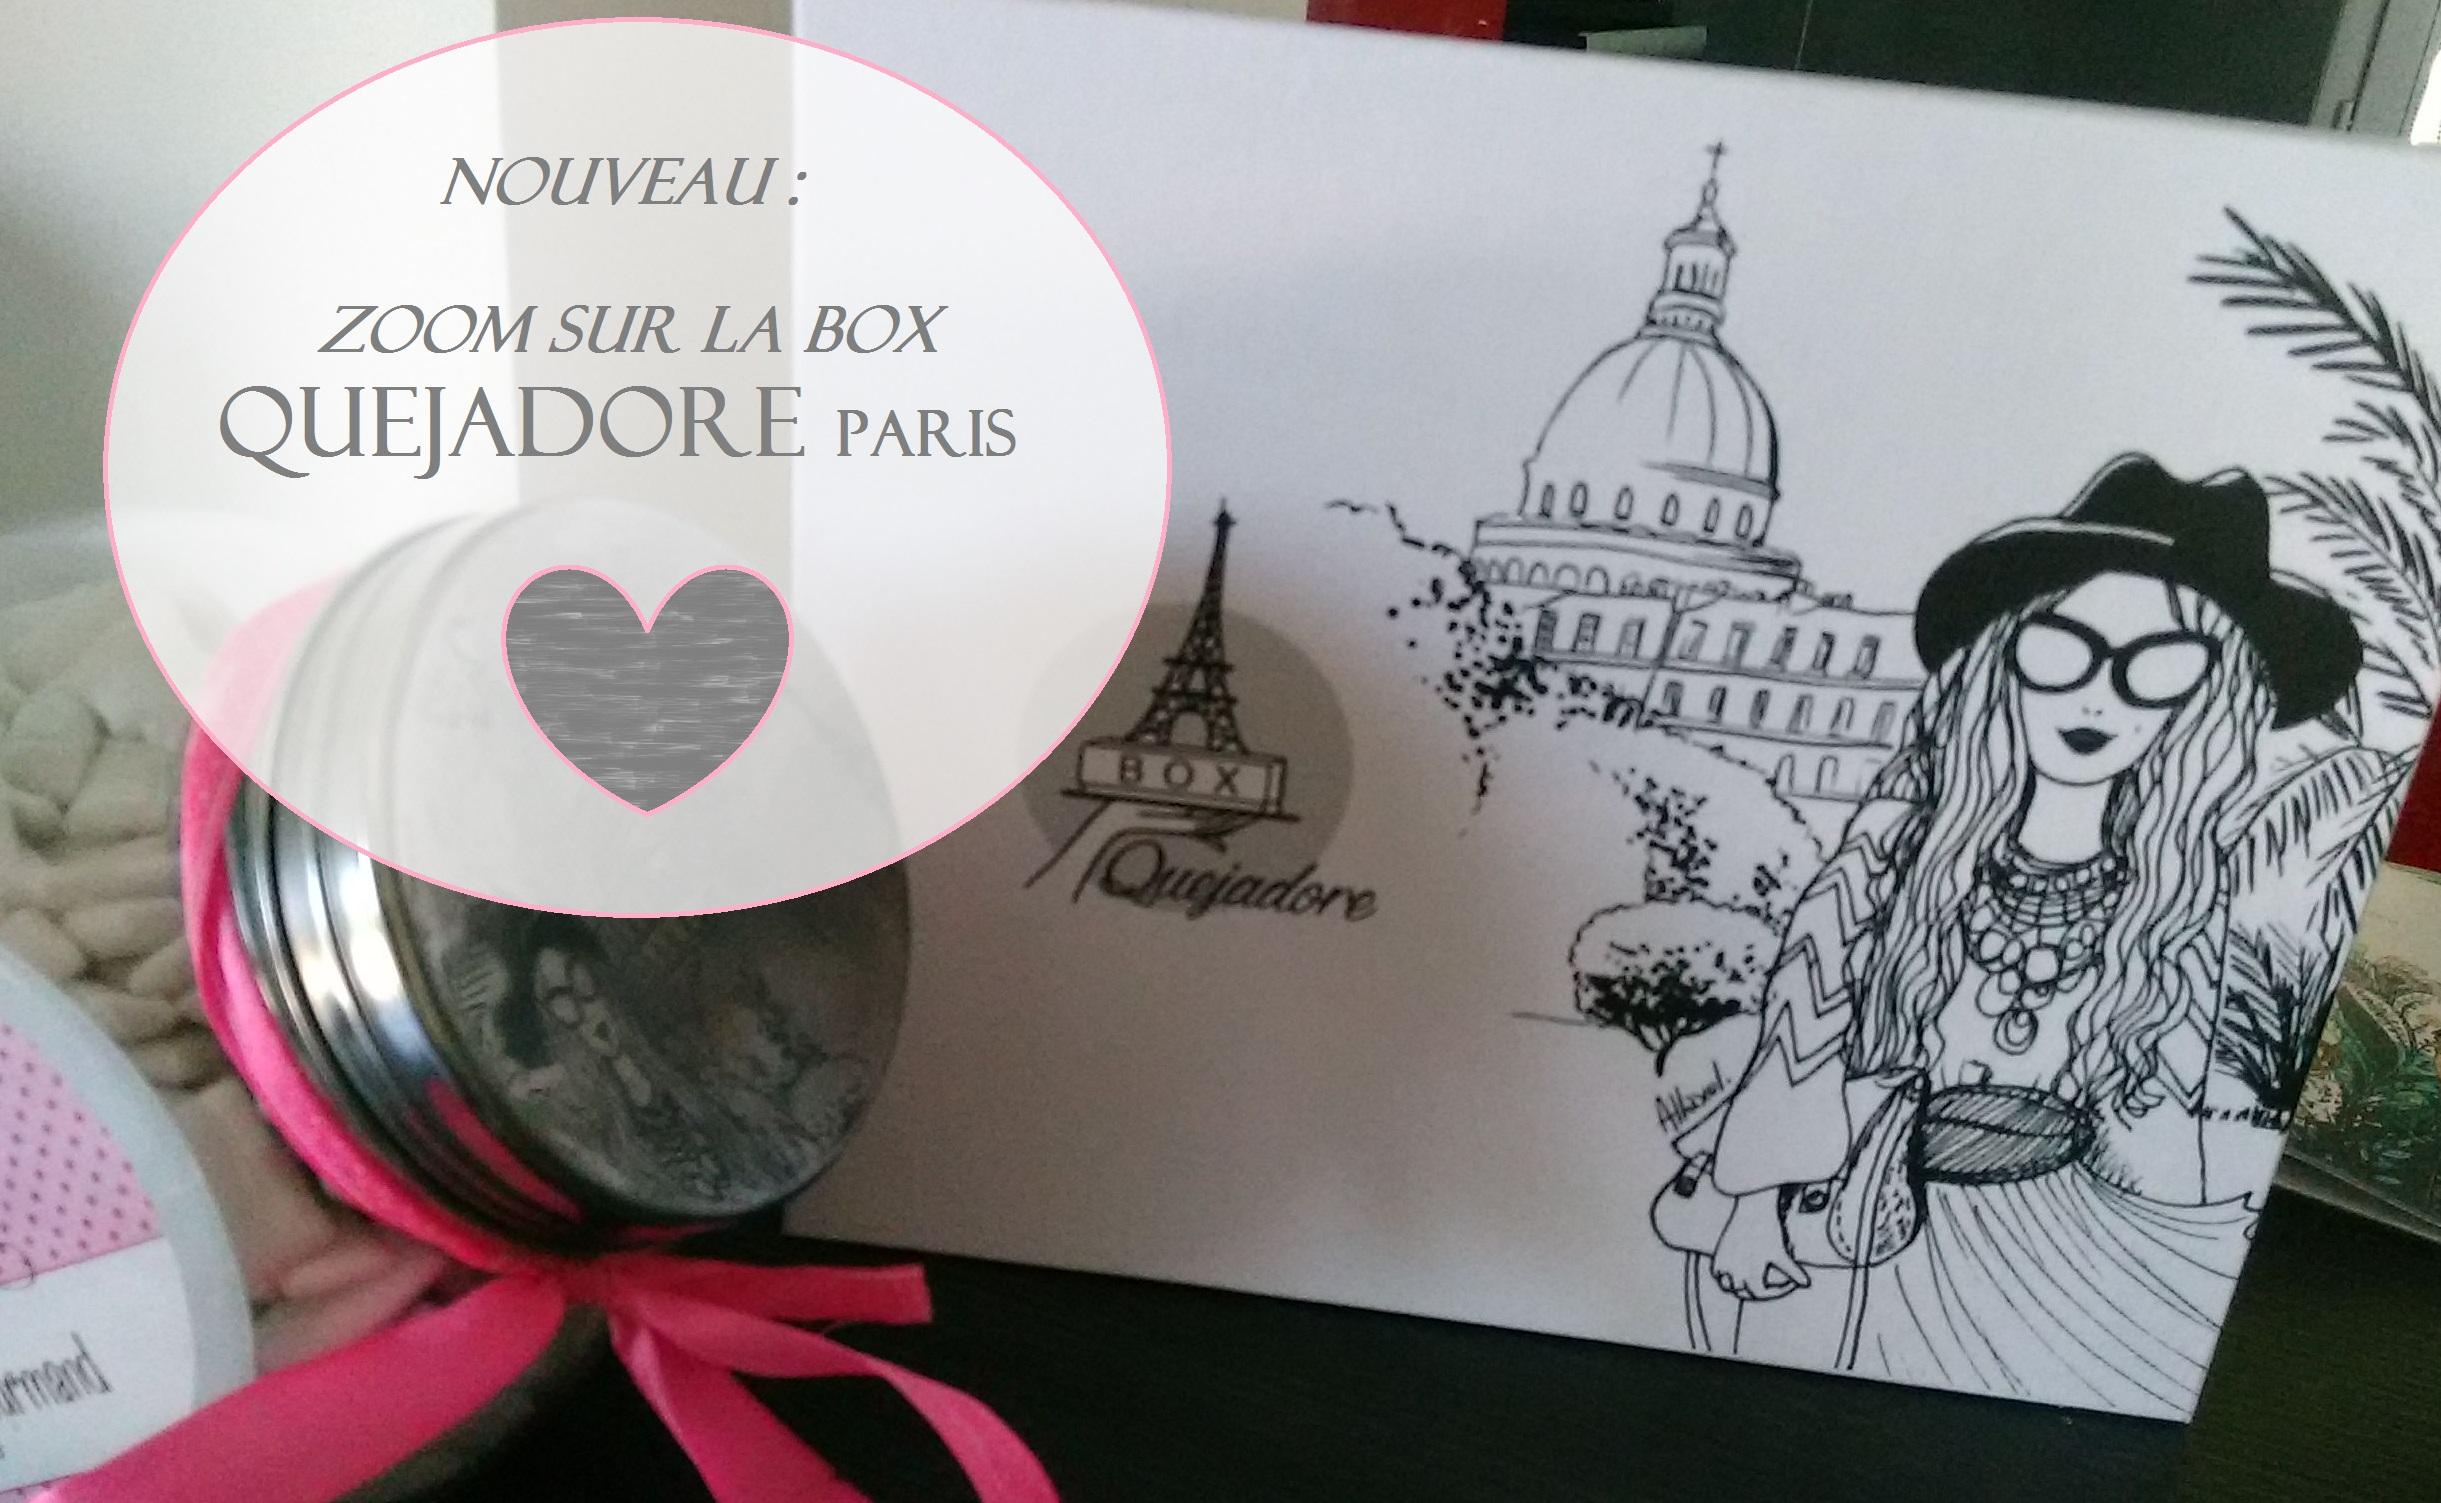 La Box Quejadore, l'esprit Parisien en boîte!